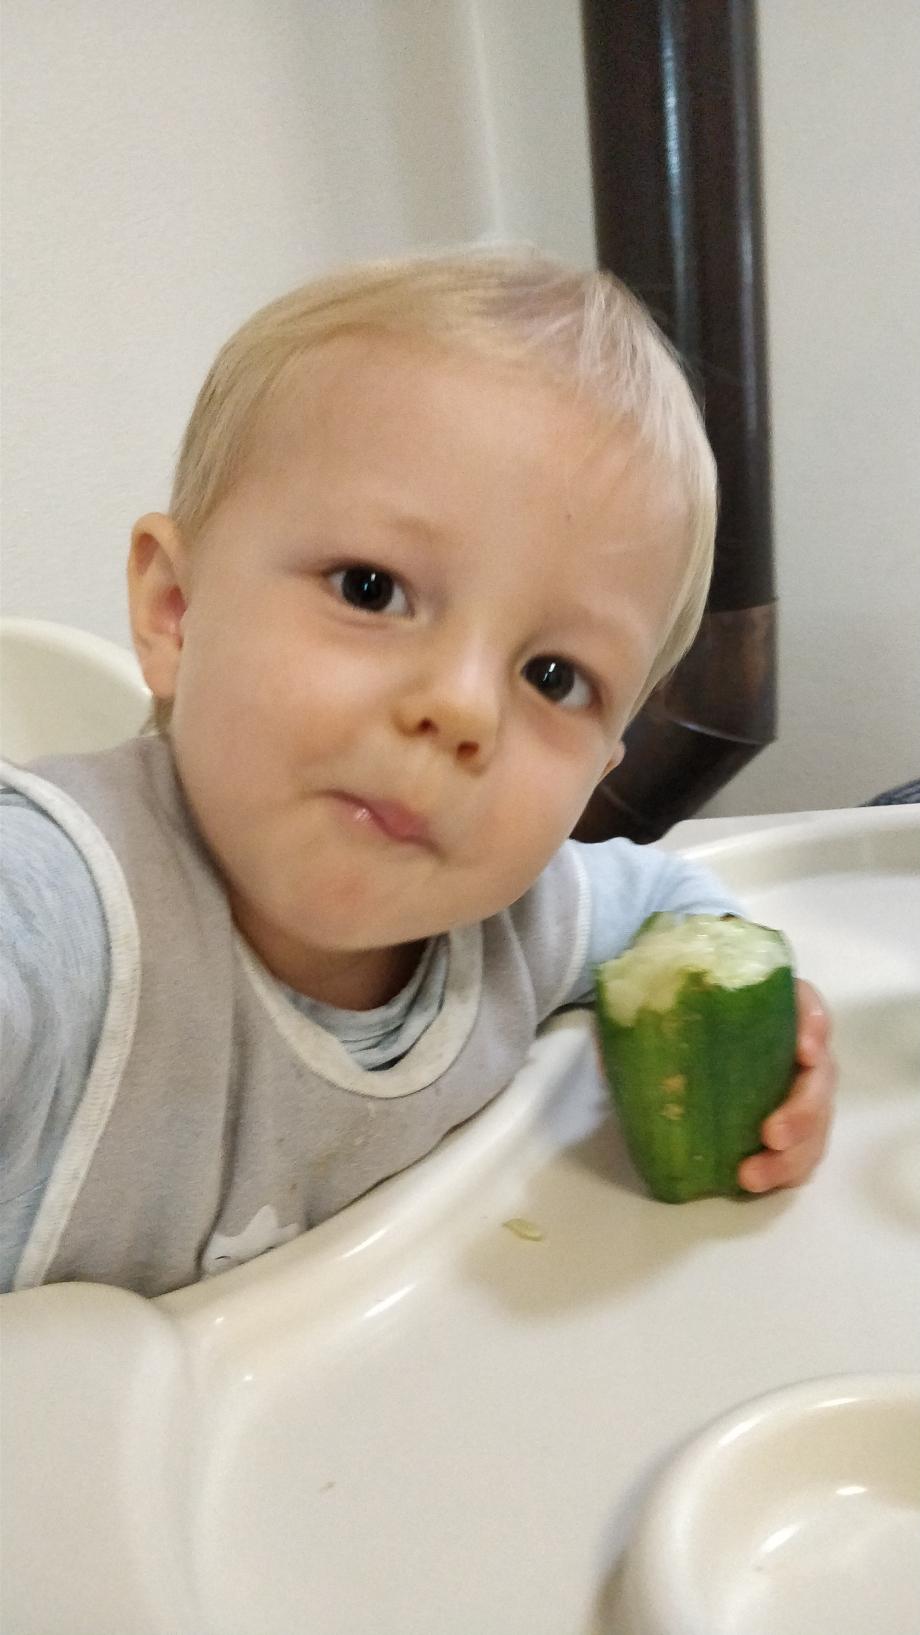 Il adore les concombres !